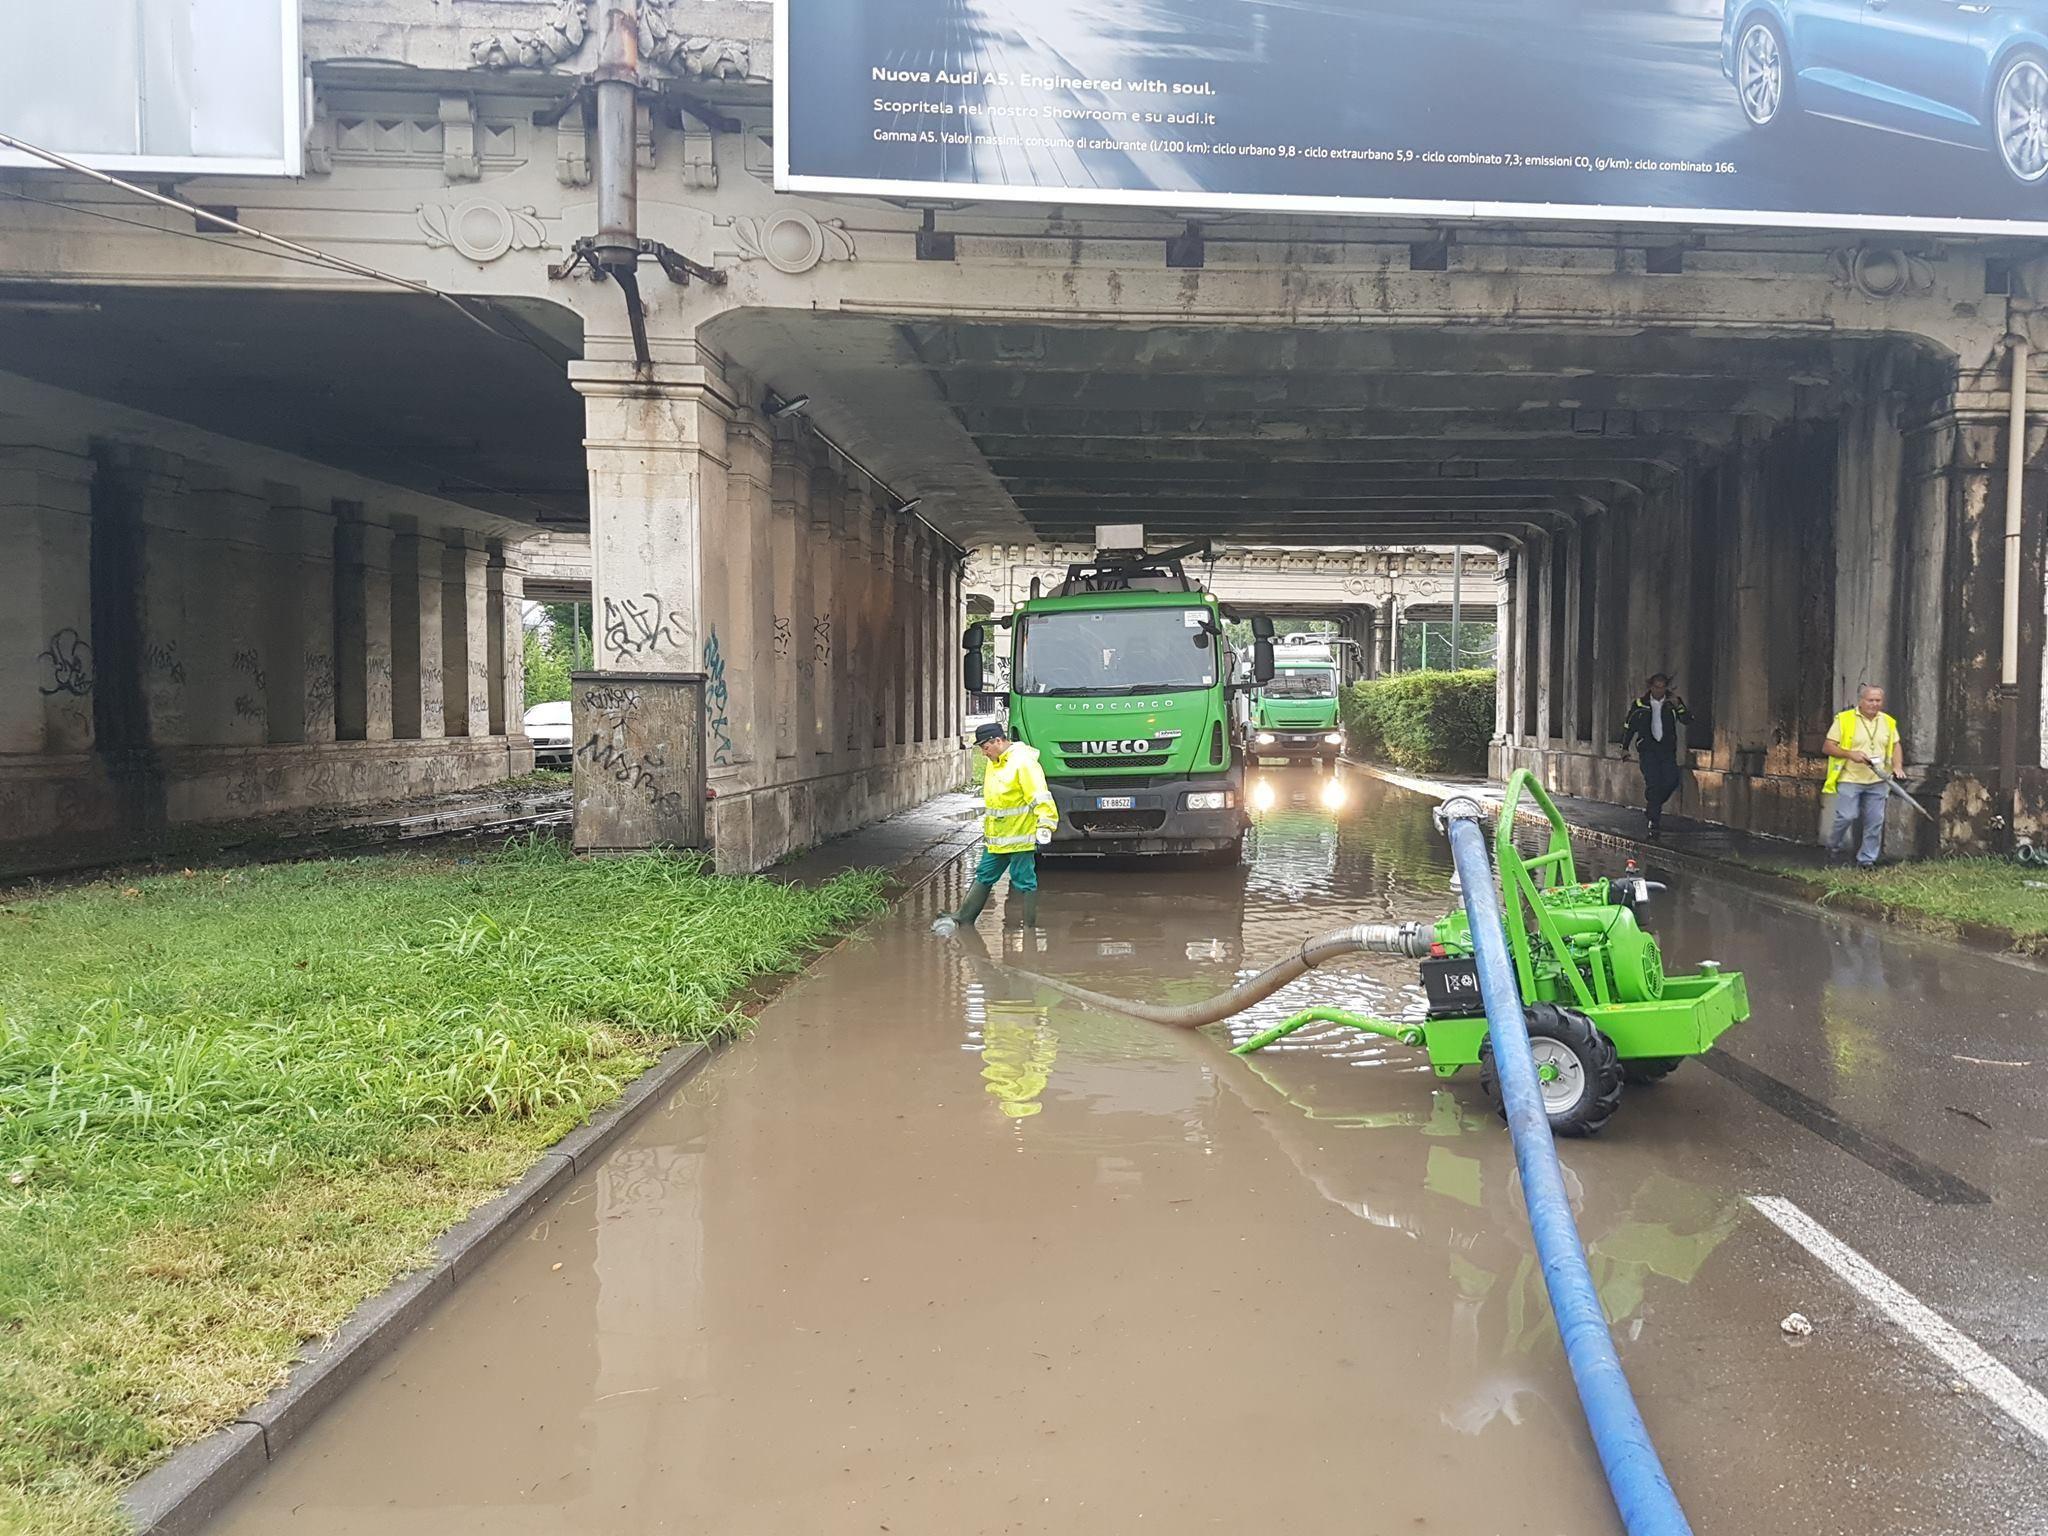 Maltempo : tromba d'aria nel Milanese, esondato il fiume Seveso